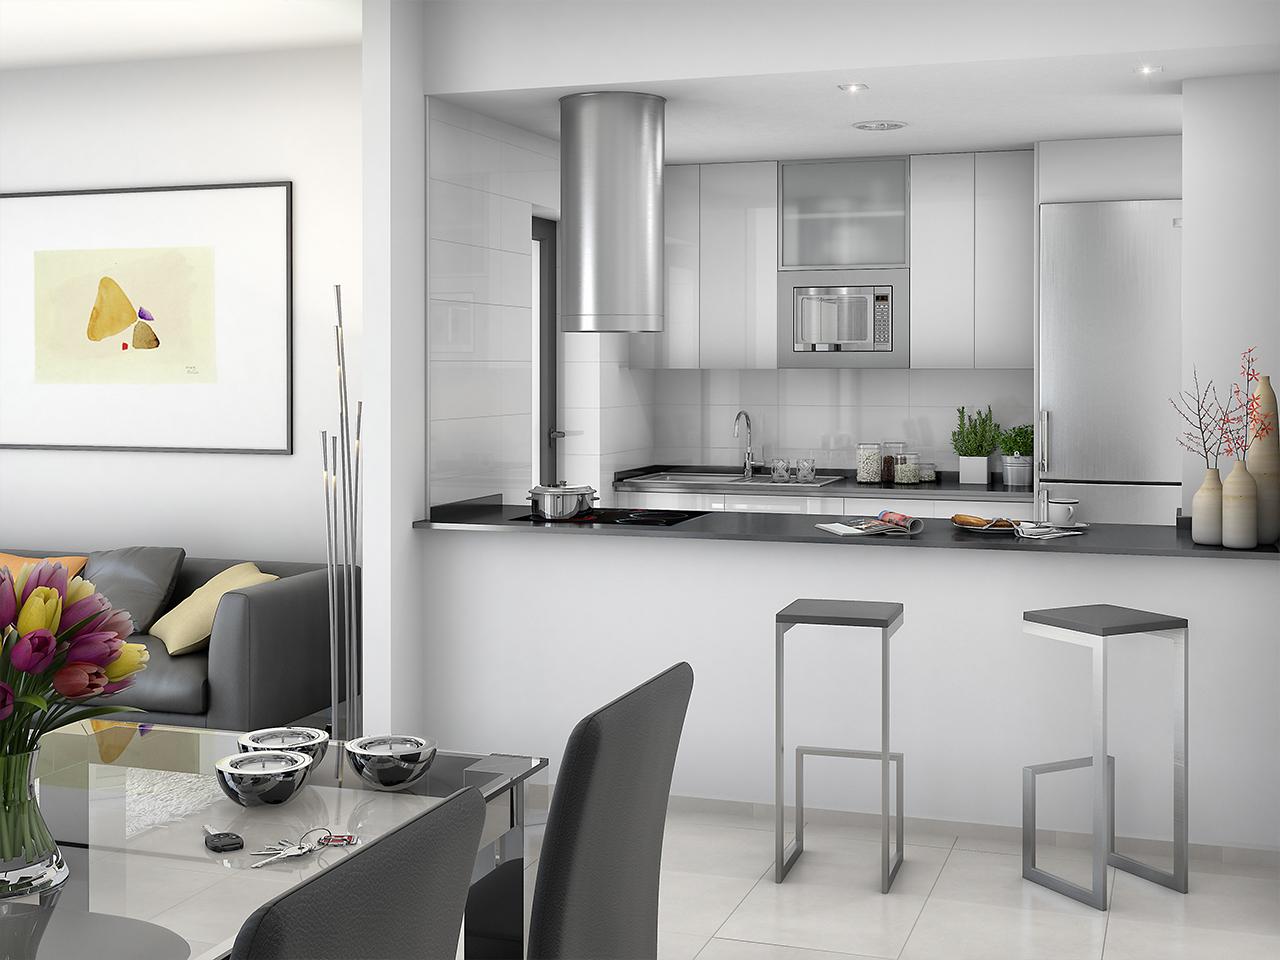 Residencial-Guardamar-cocina